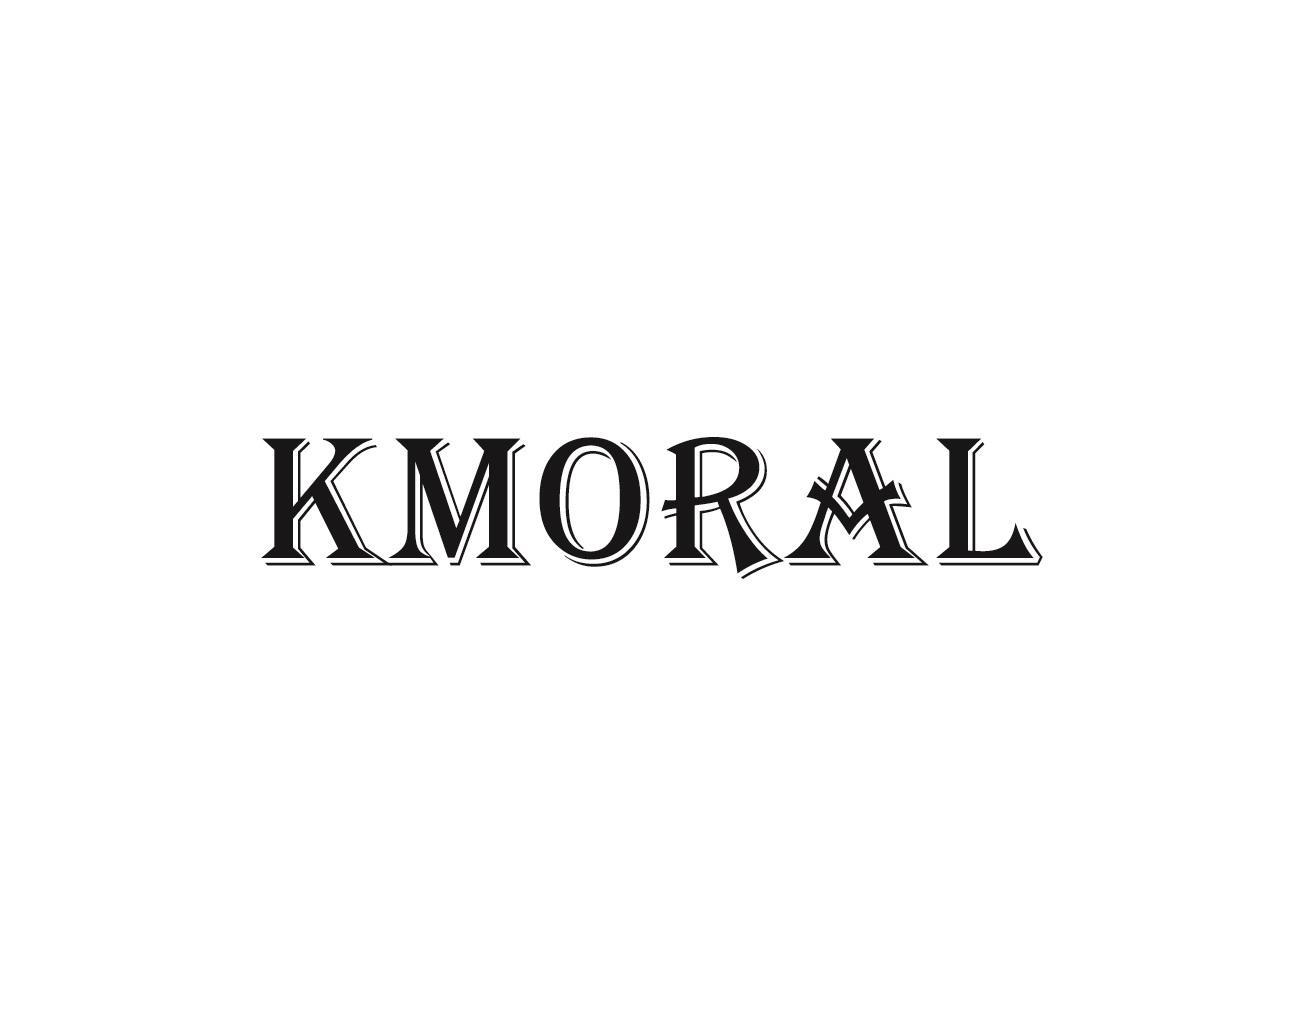 KMORAL